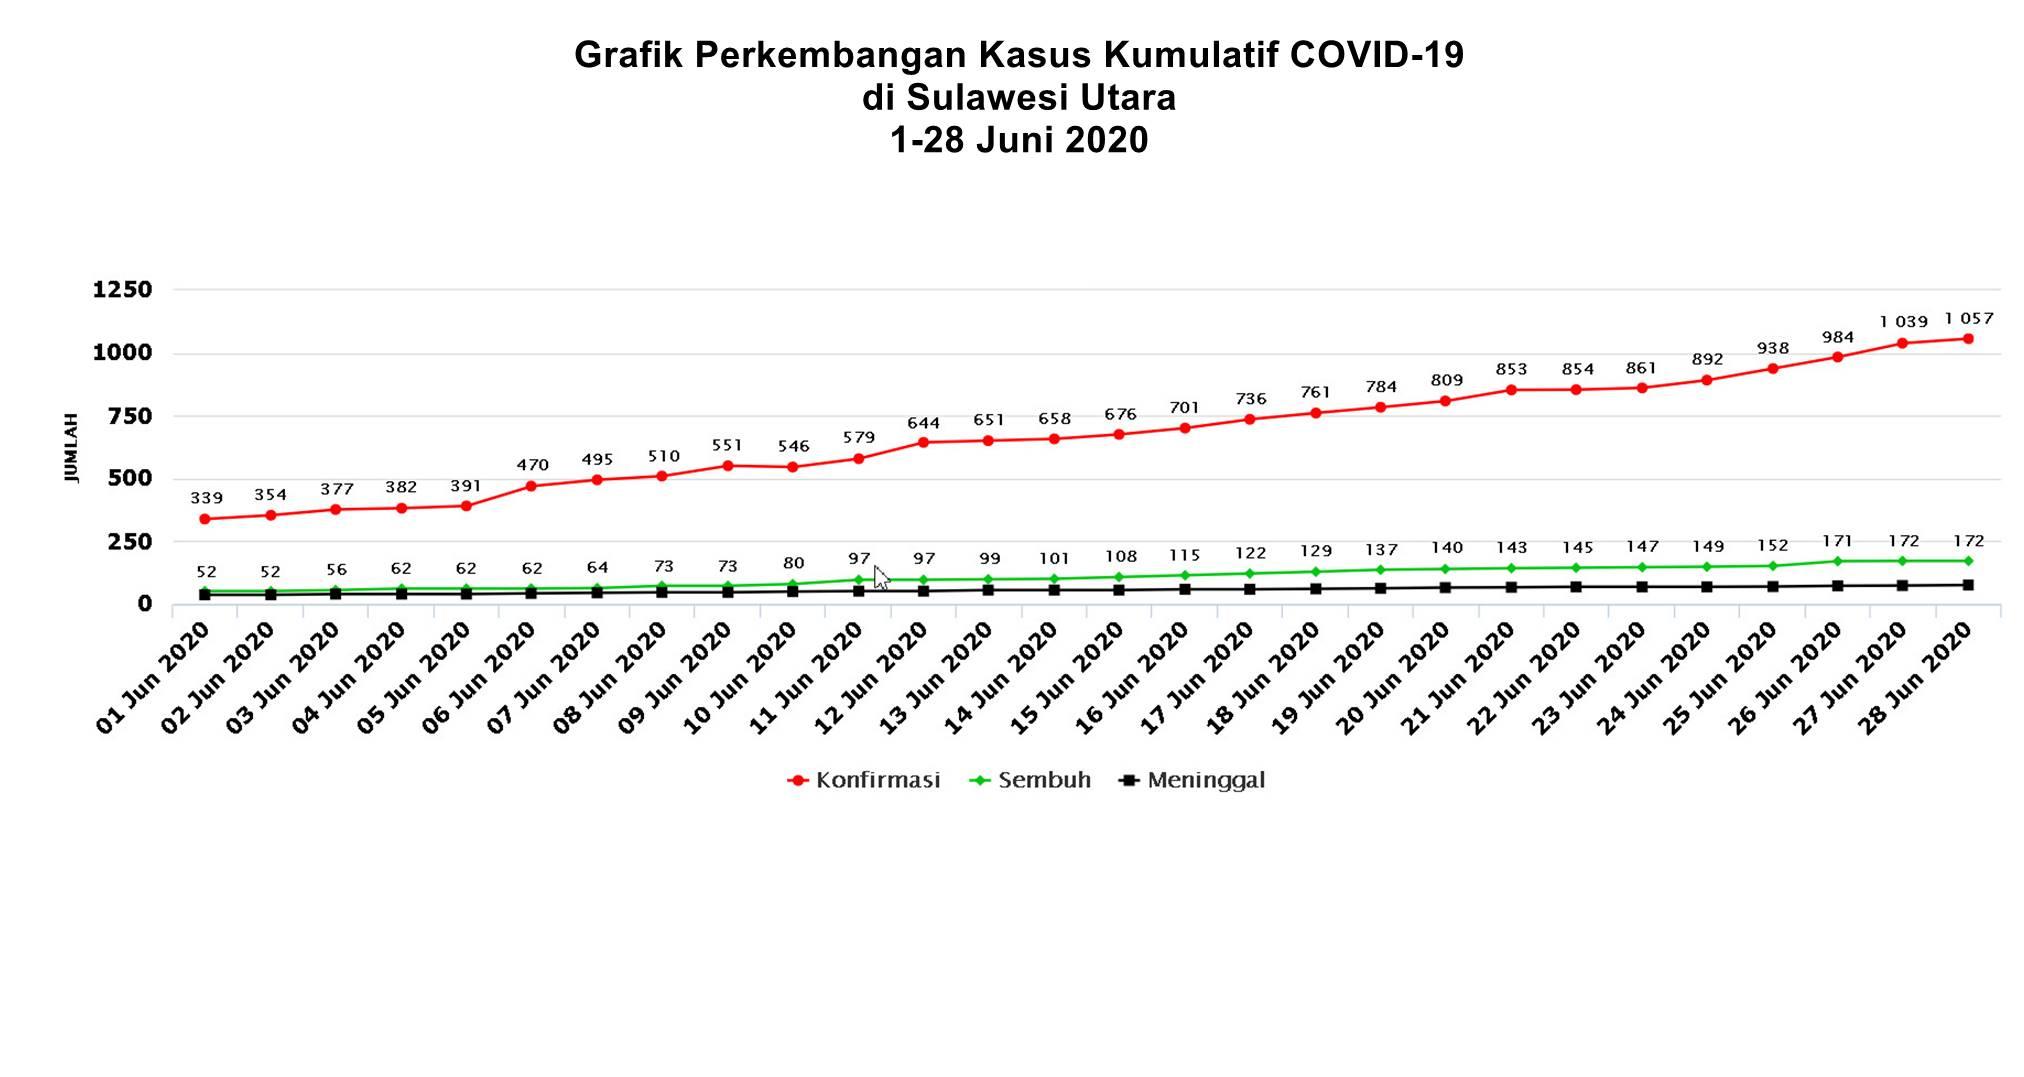 Grafik Perkembangan Kasus Kumulatif COVID-19 di Sulawesi Utara 1-28 Juni 2020